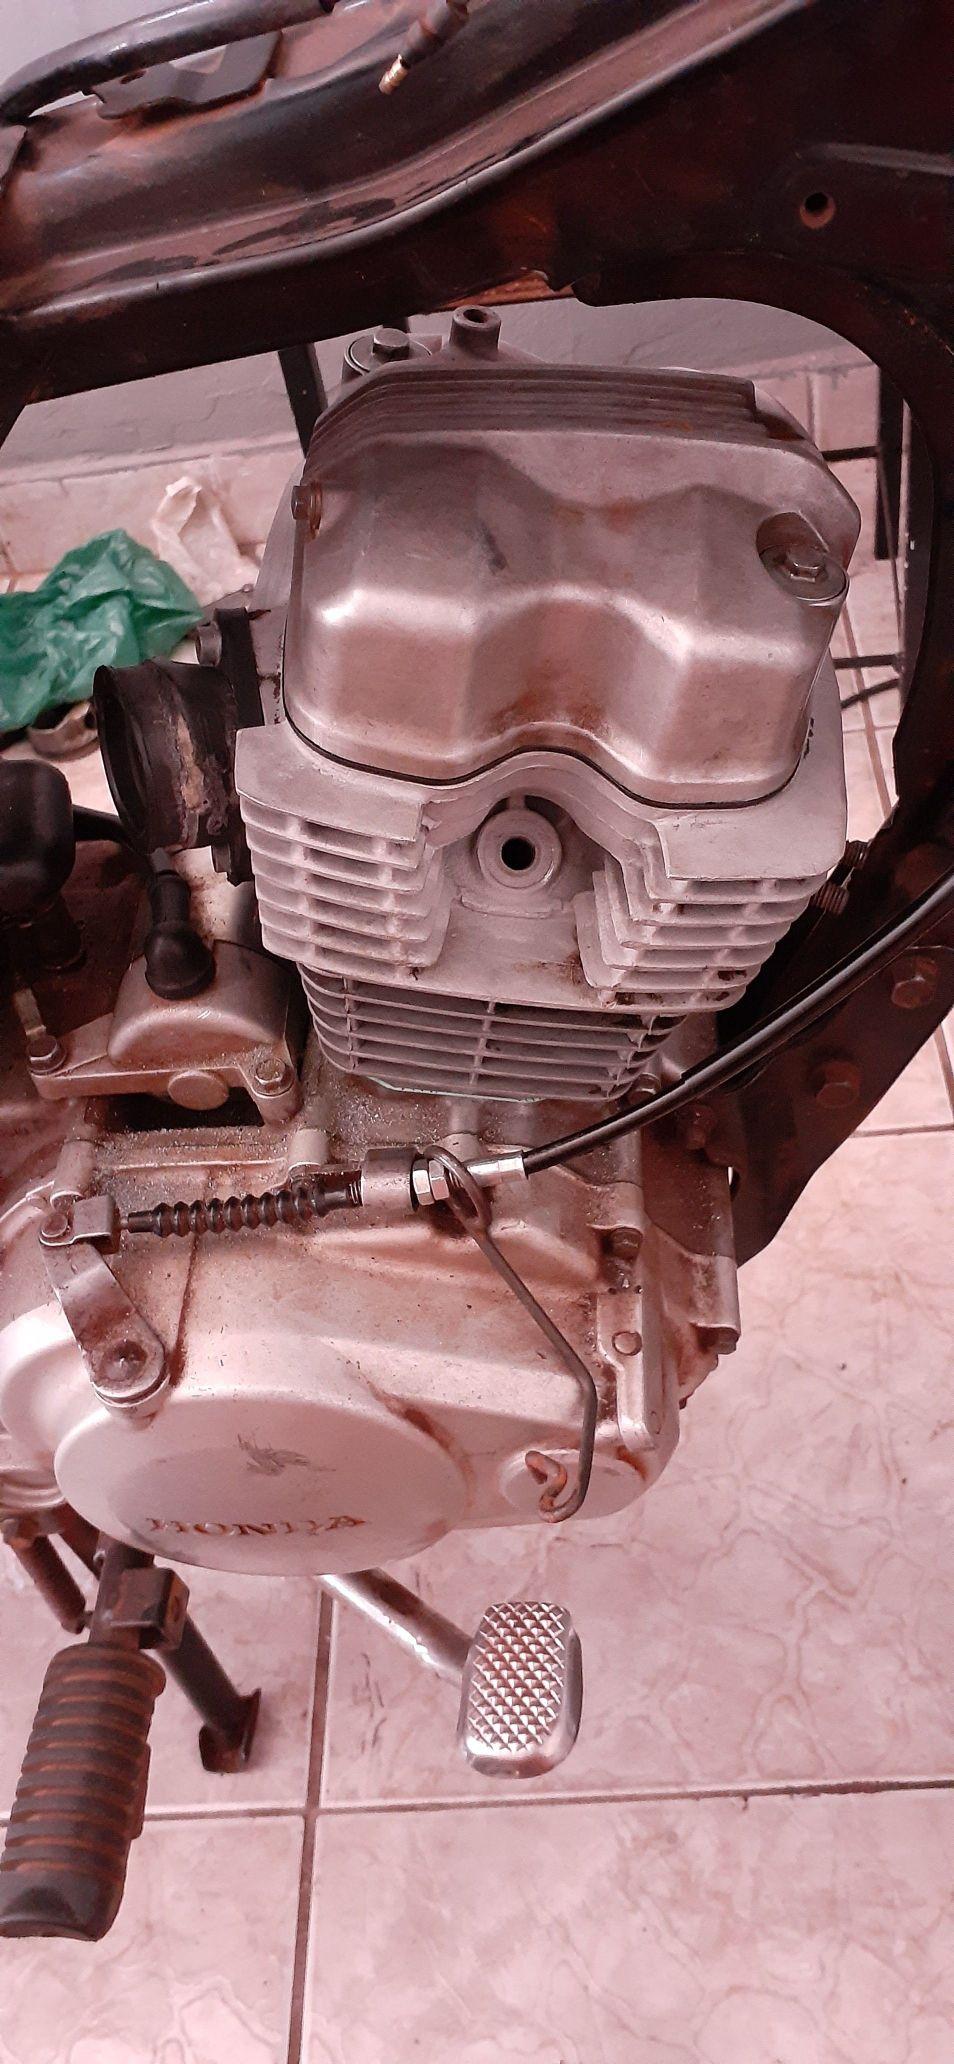 230cc montado e pronto 🚀🔥🏍🛠😈